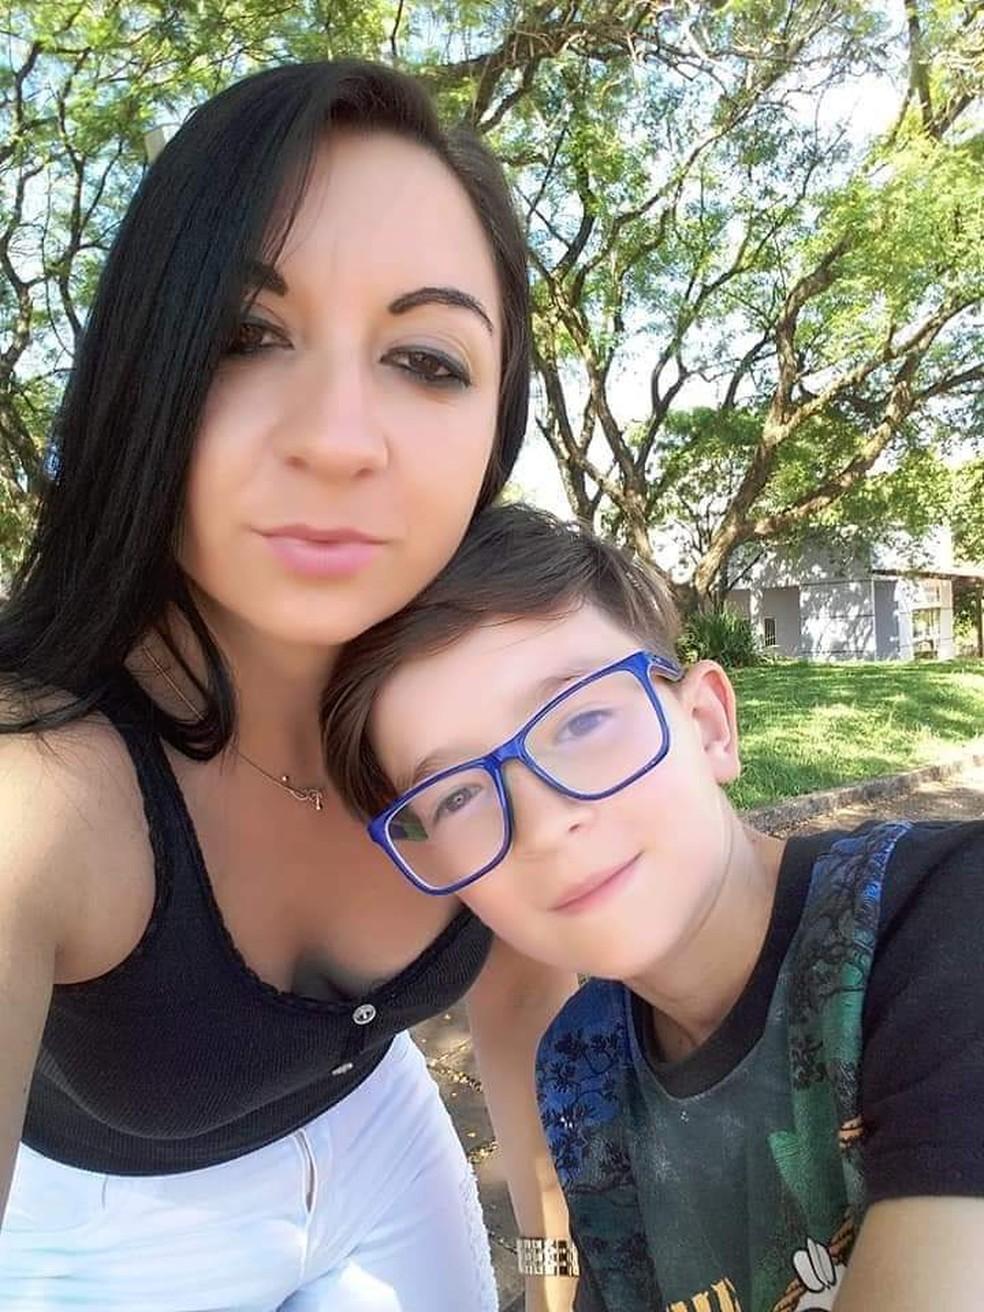 Mãe de Rafael Mateus Winques confessou morte do filho — Foto: Polícia Civil/Divulgação